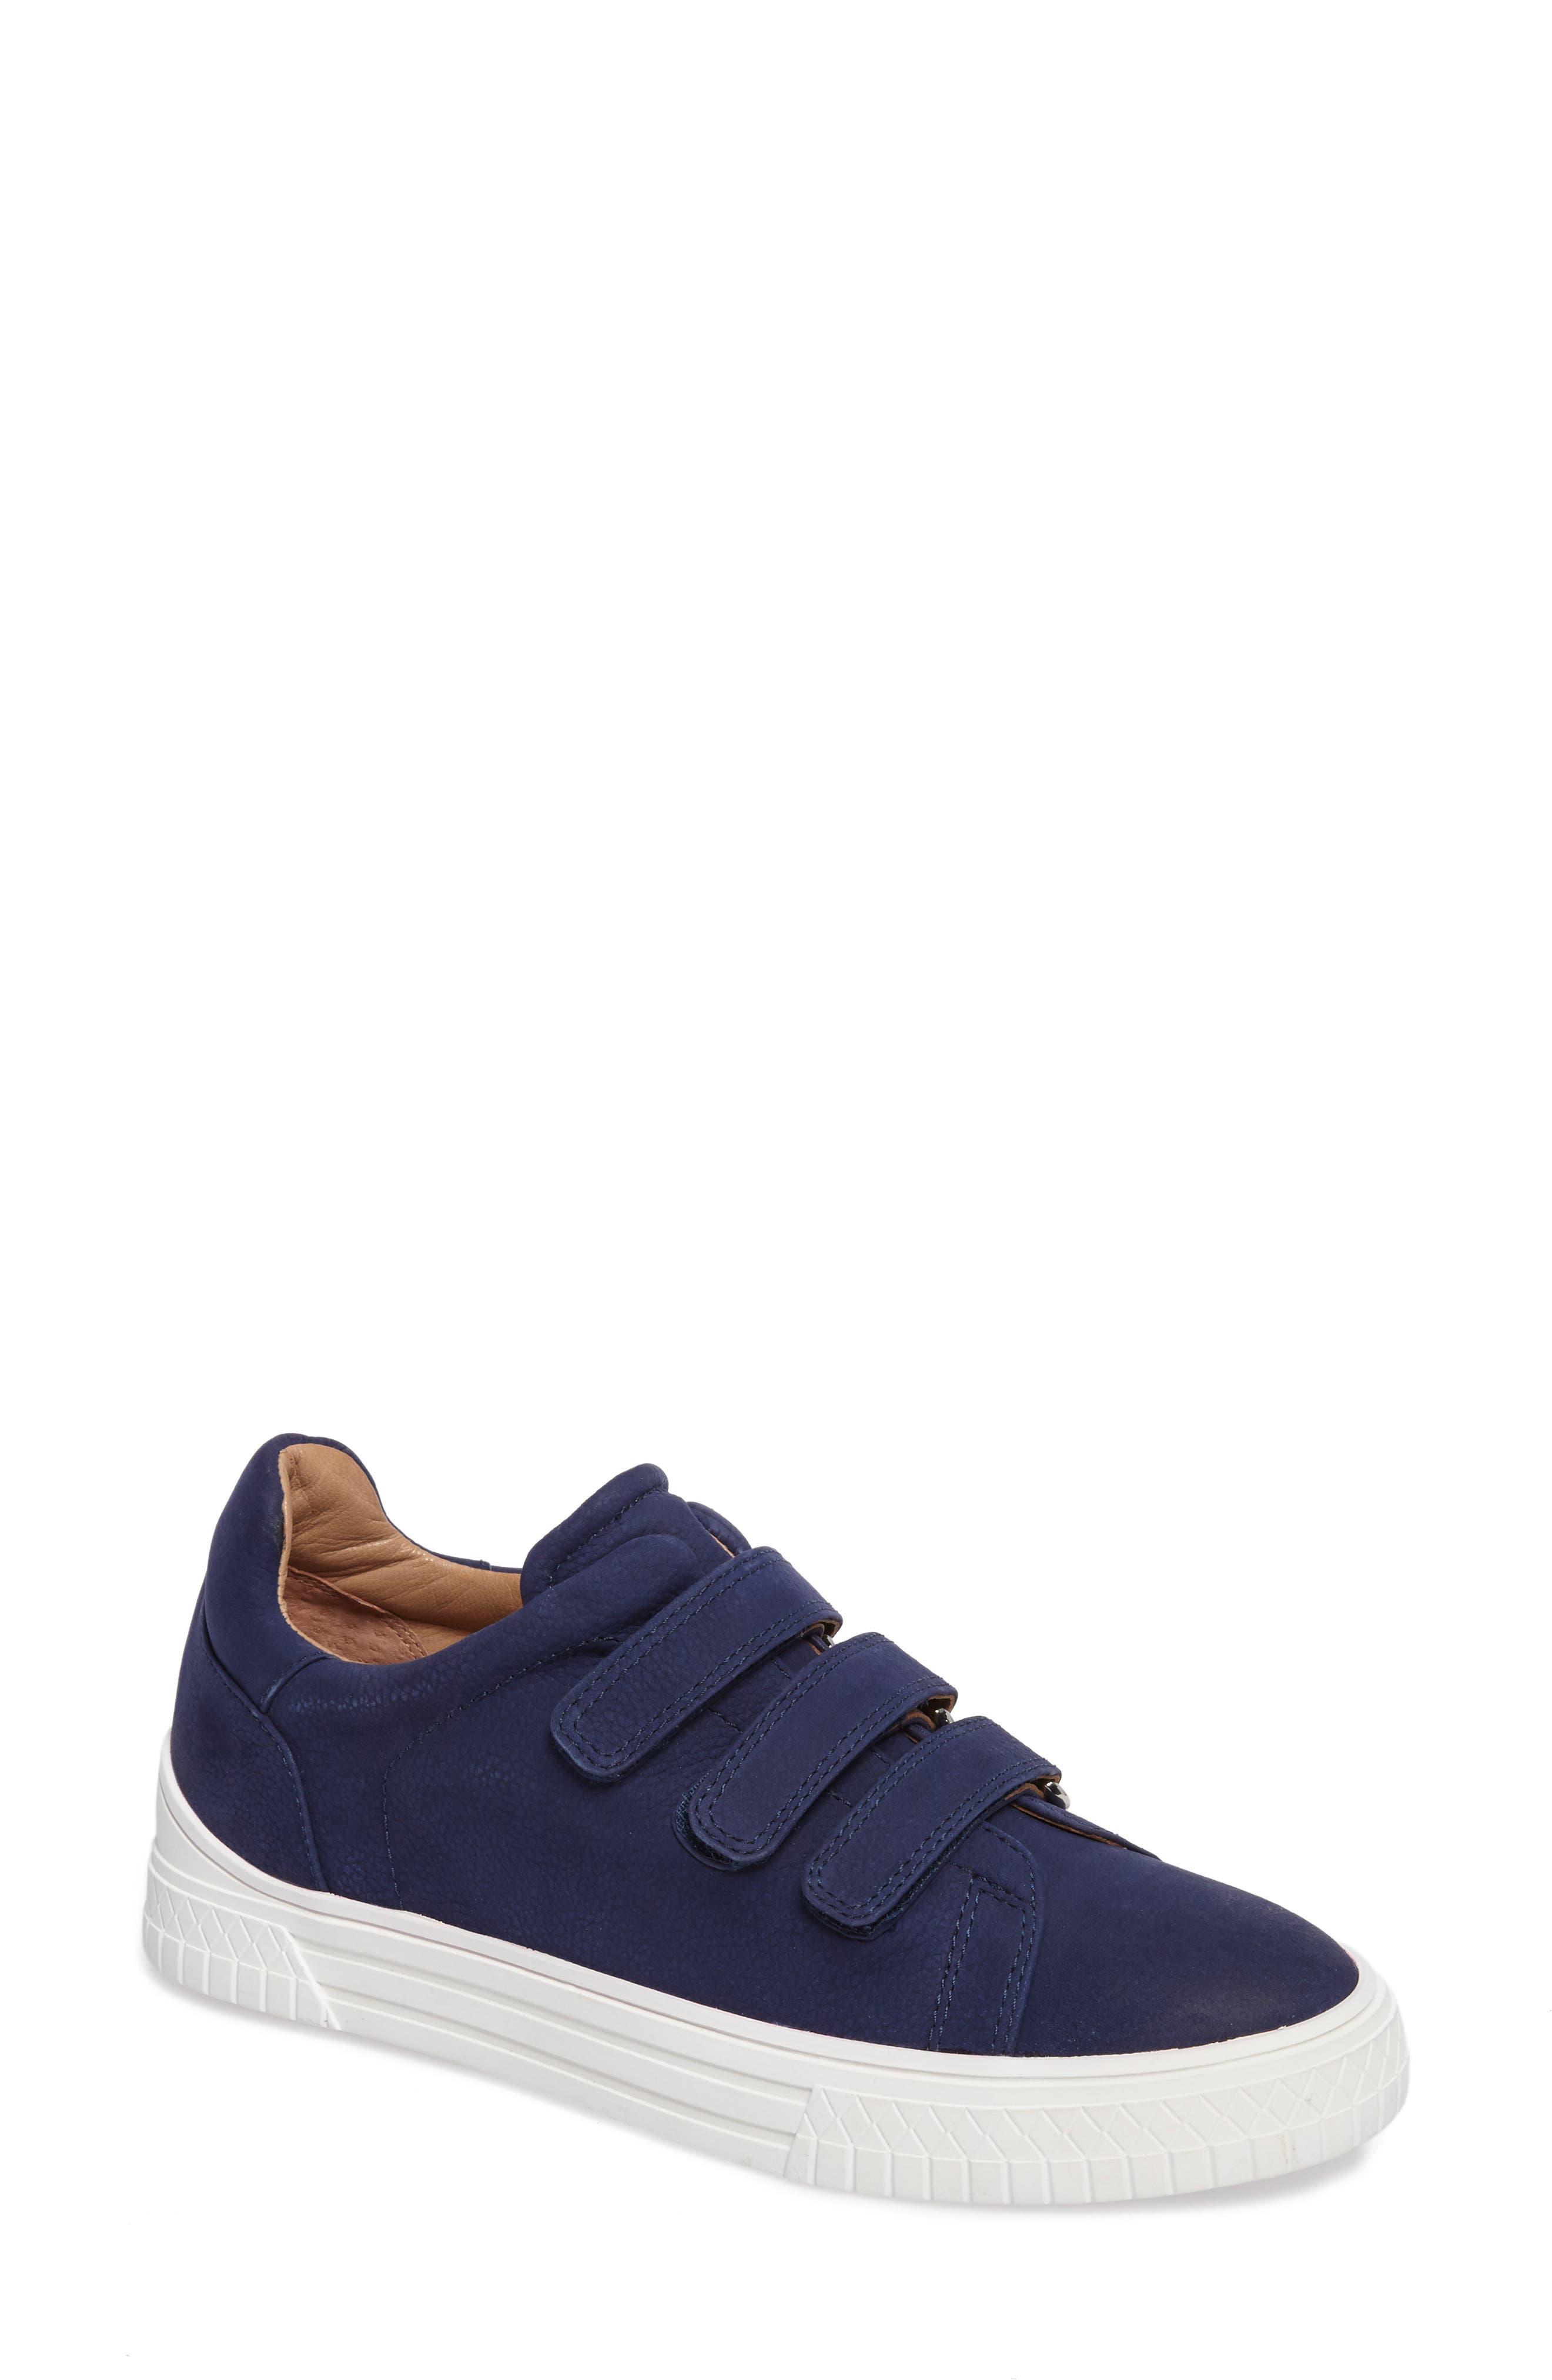 Alternate Image 1 Selected - Linea Paolo Grace Sneaker (Women)